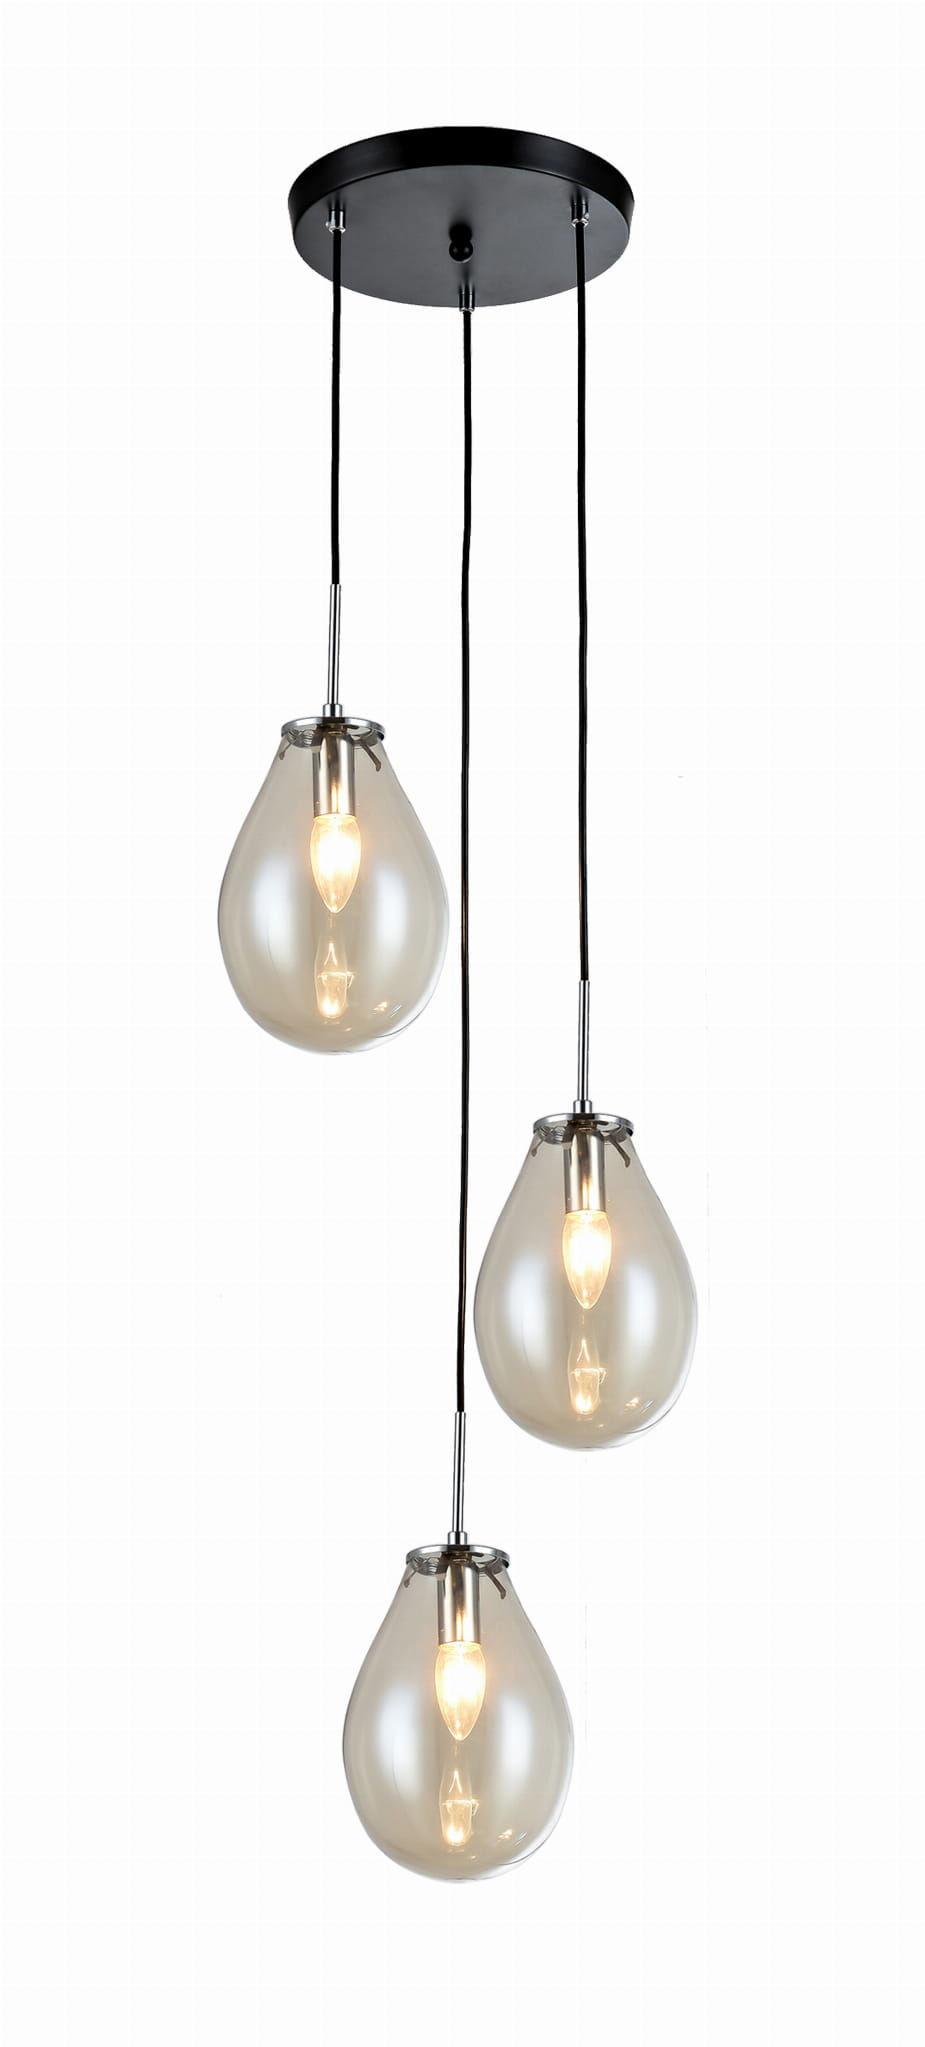 Light Prestige Fondi 3 LP-1214/3P lampa wisząca metal transparentny klosze szklane 3x40W E14 35cm